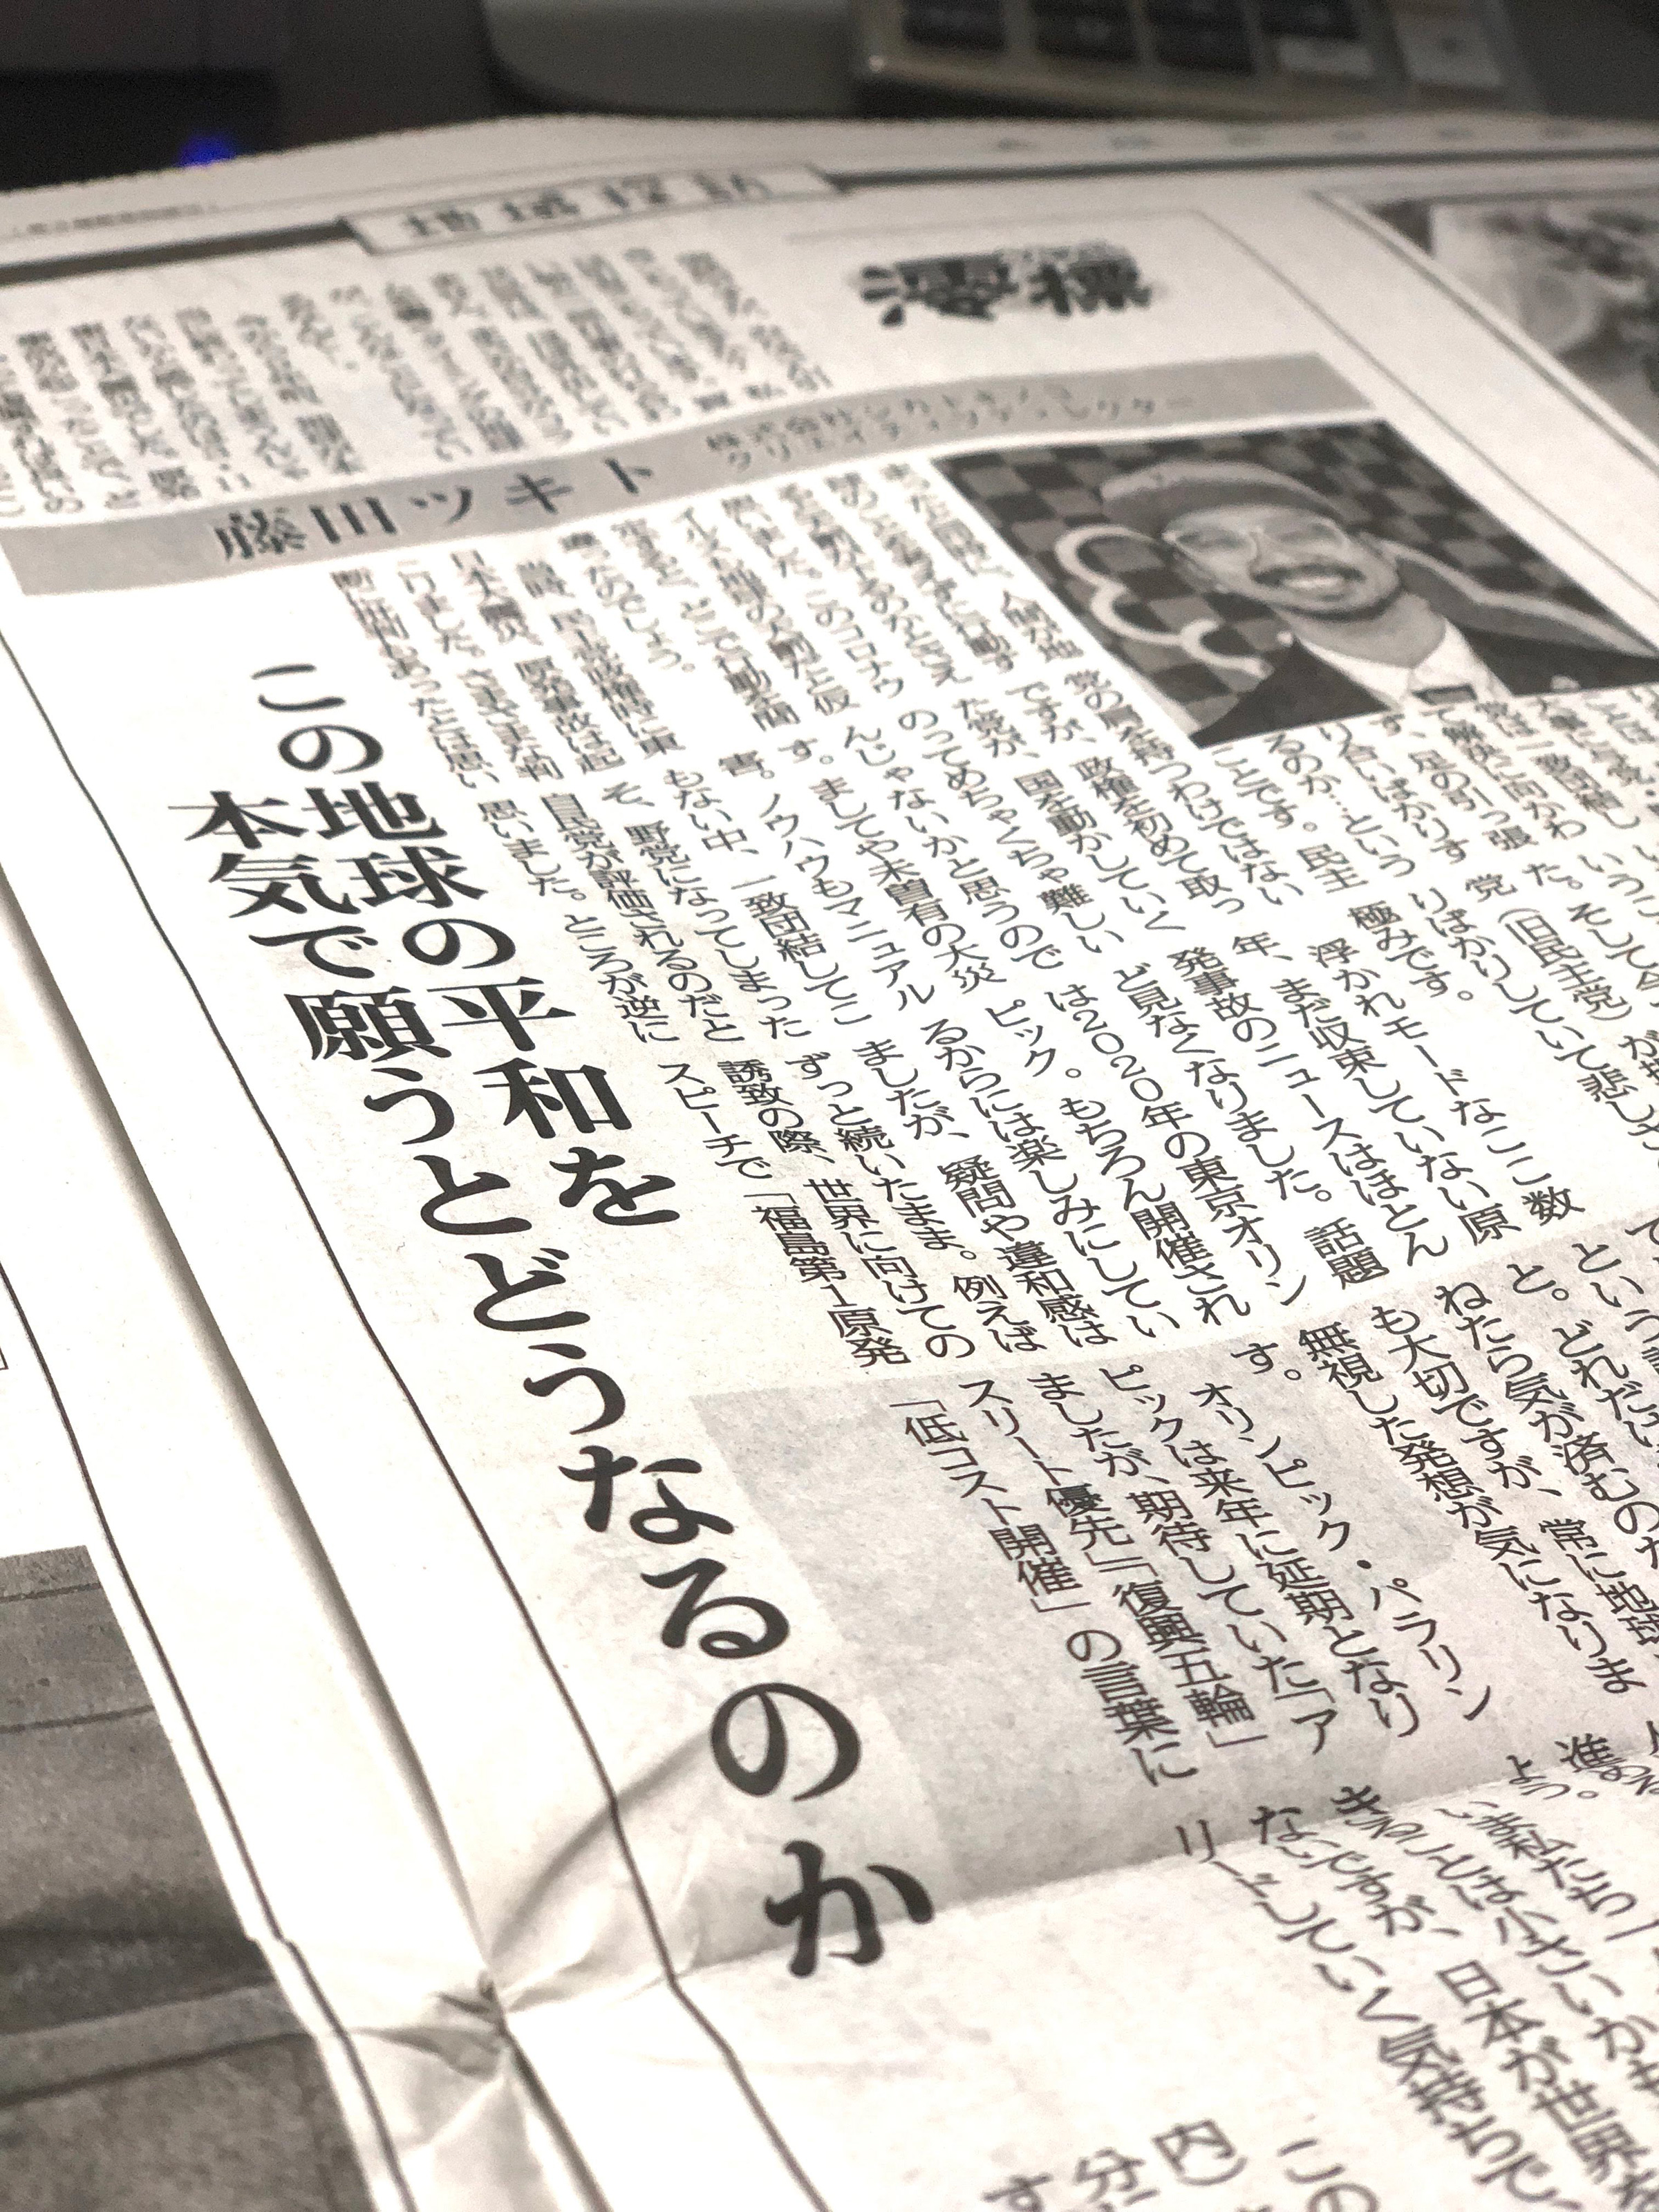 澪標コラム(4)この地球の平和を本気で願うとどうなるのか 藤田ツキト